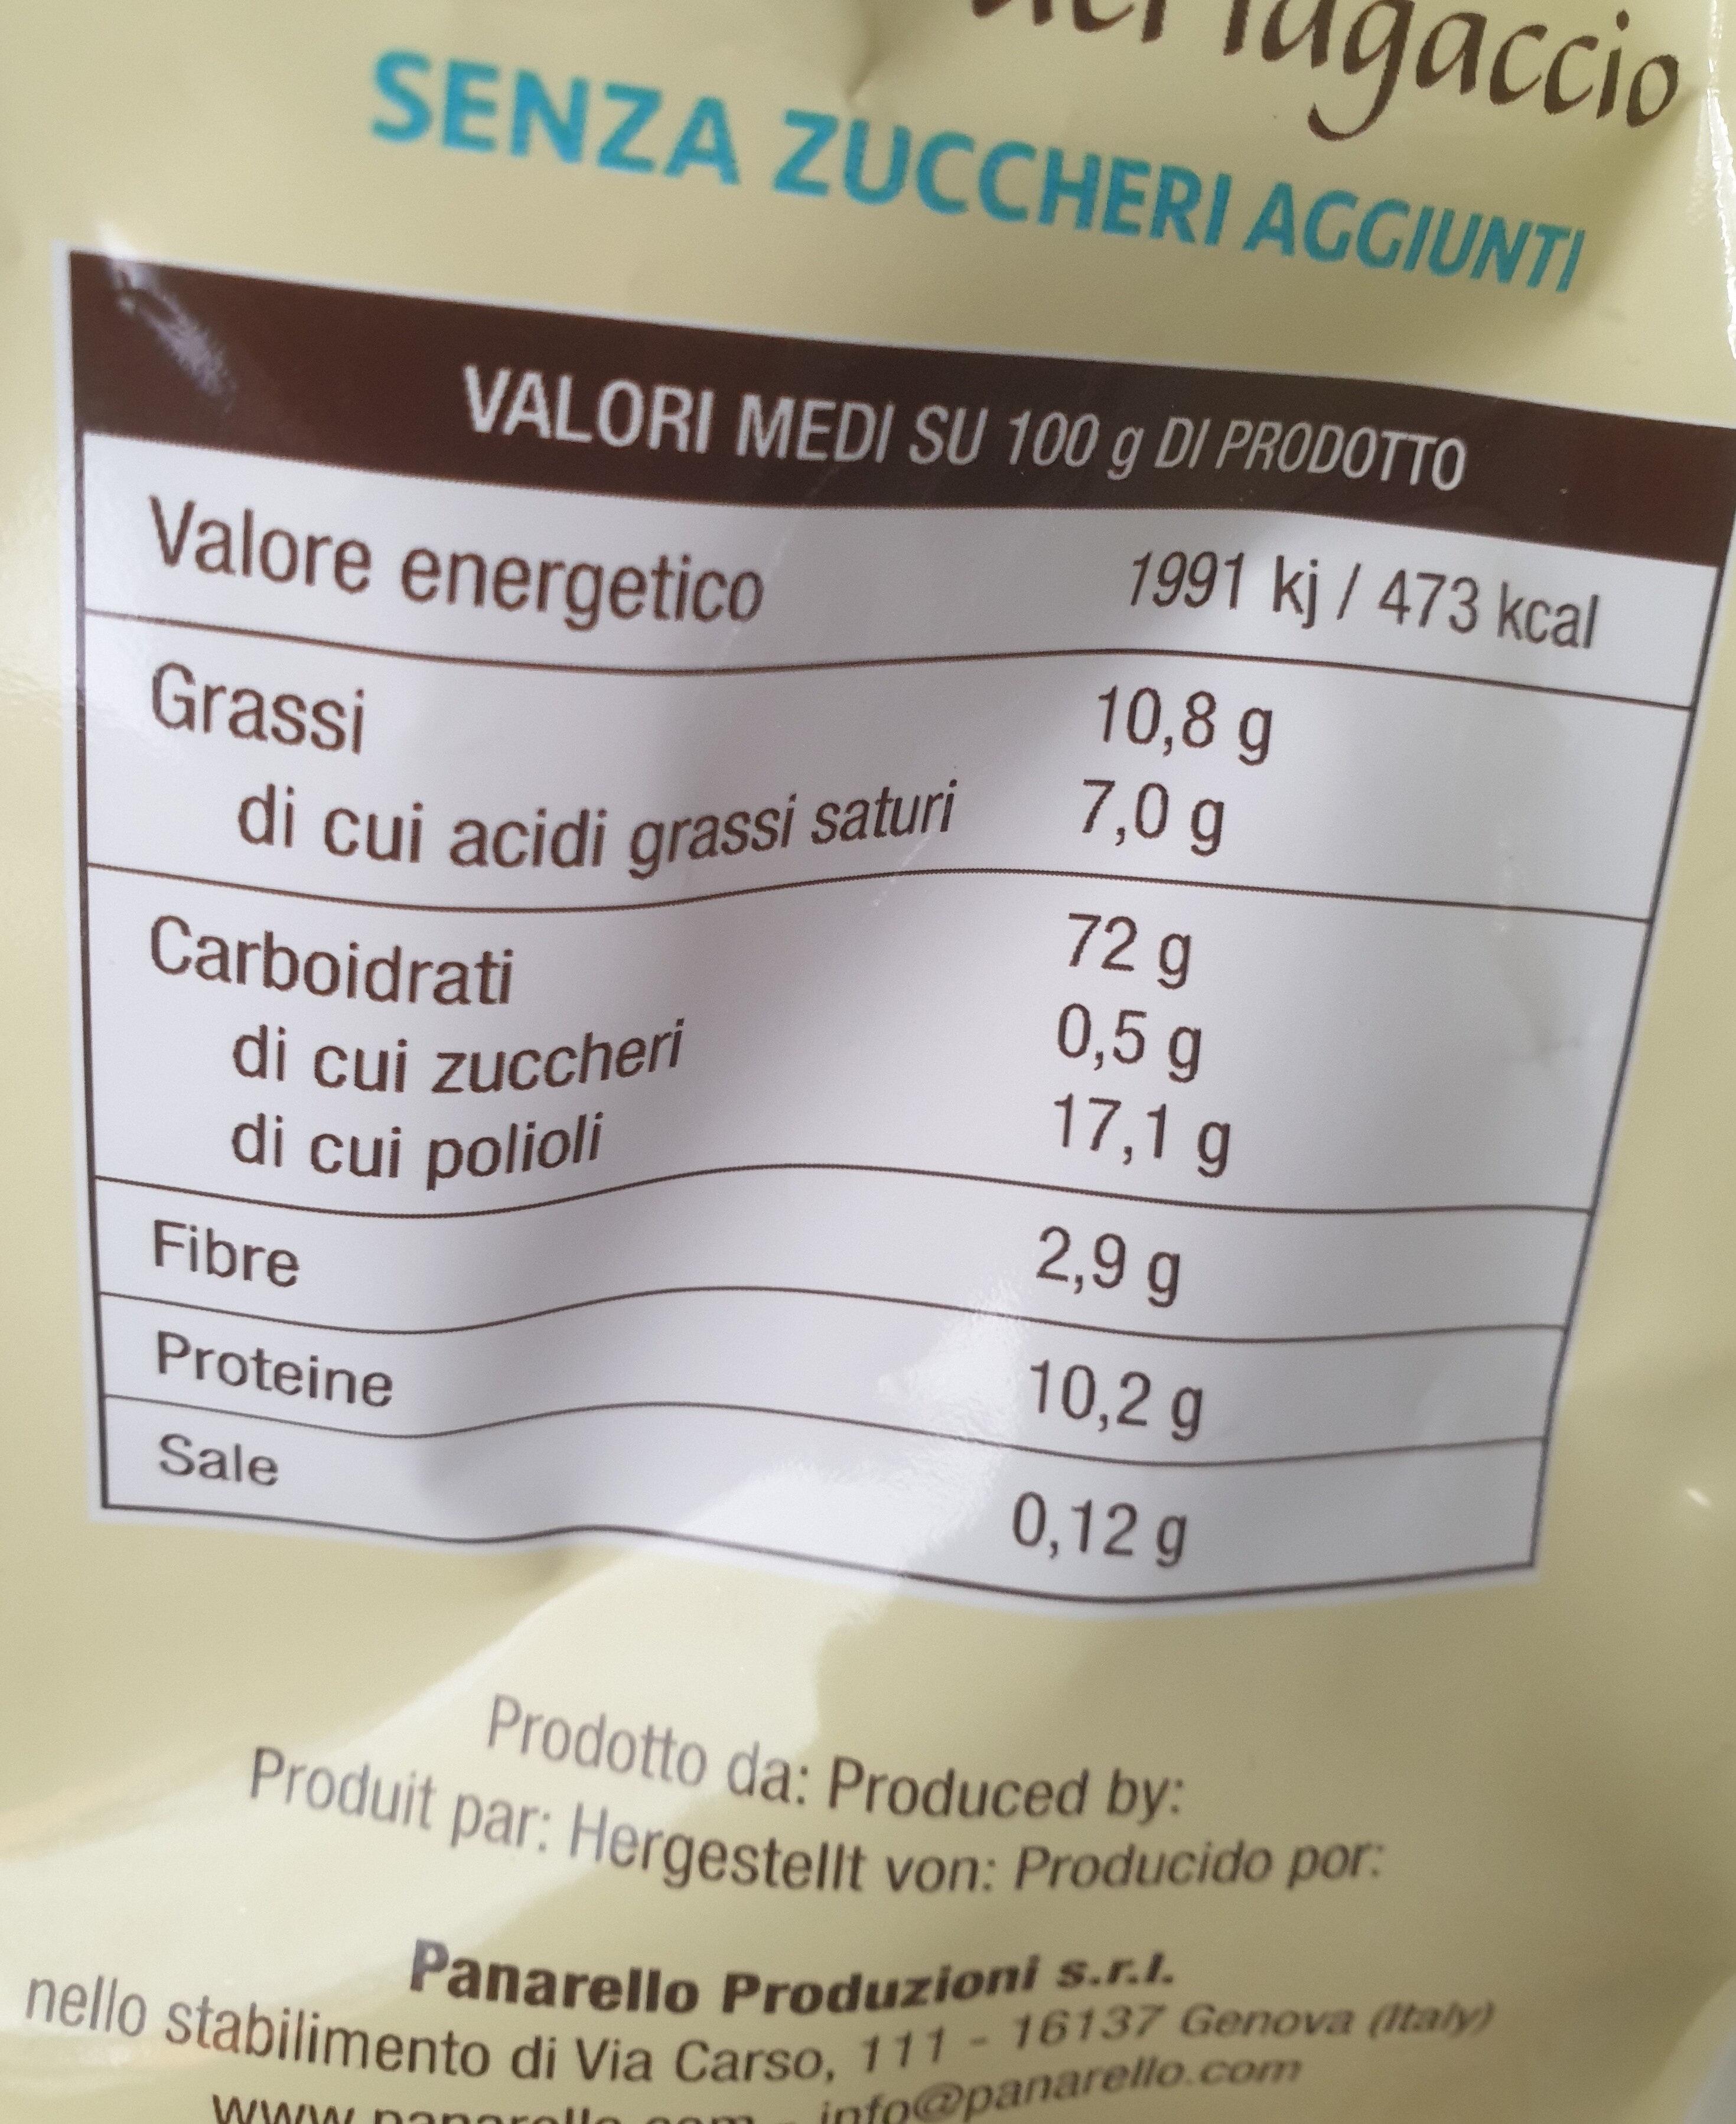 biscotti lagaccio - Nutrition facts